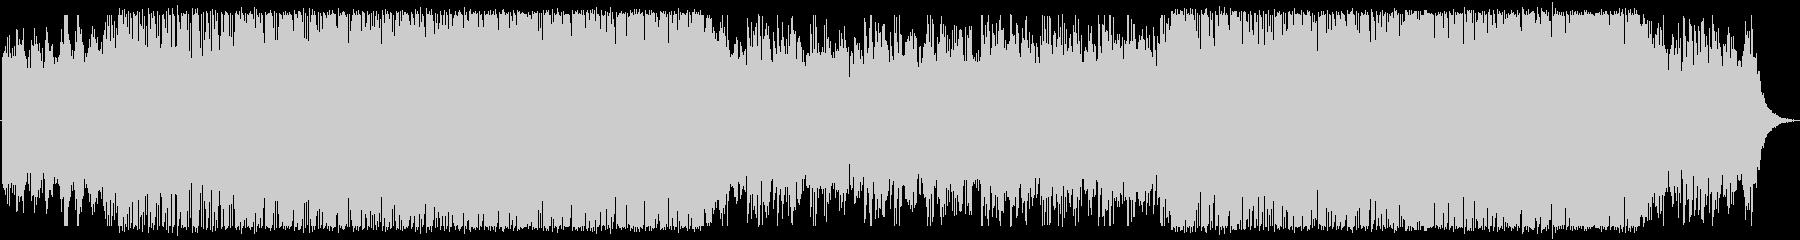 海外の車ブランドCMイメージBGM/洋楽の未再生の波形